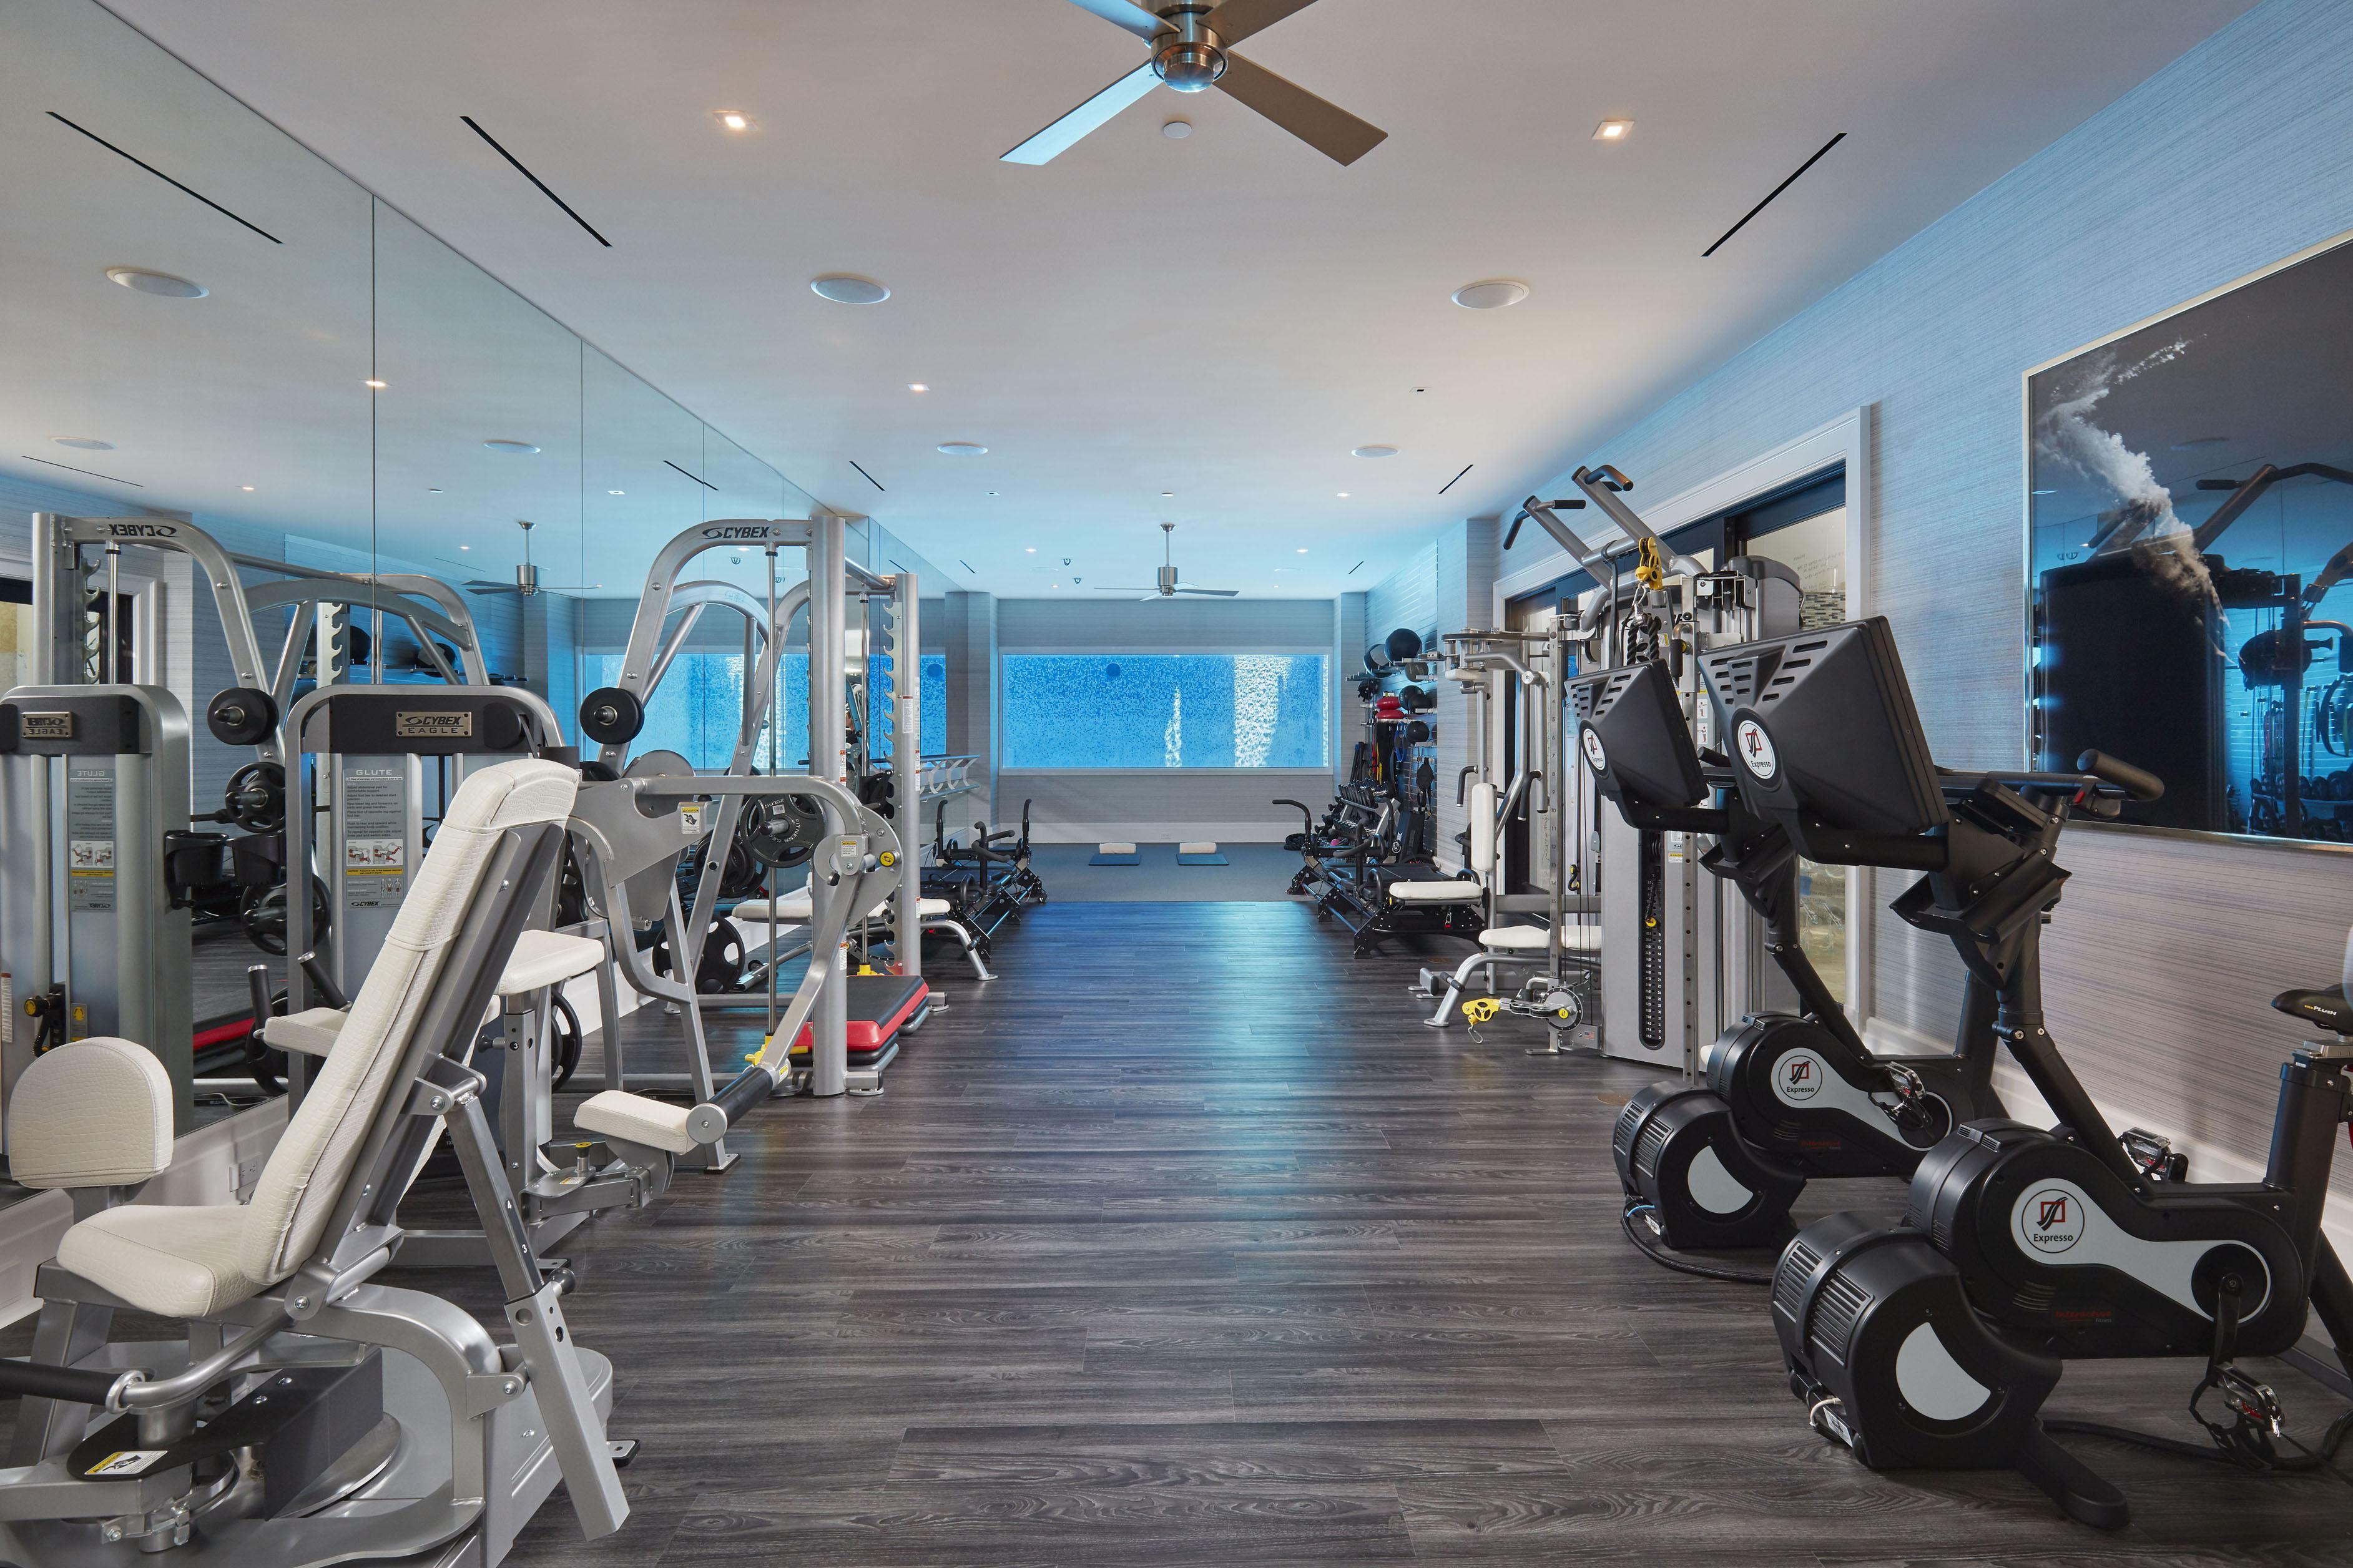 Elin Nordegren's Florida mansion includes a huge gym